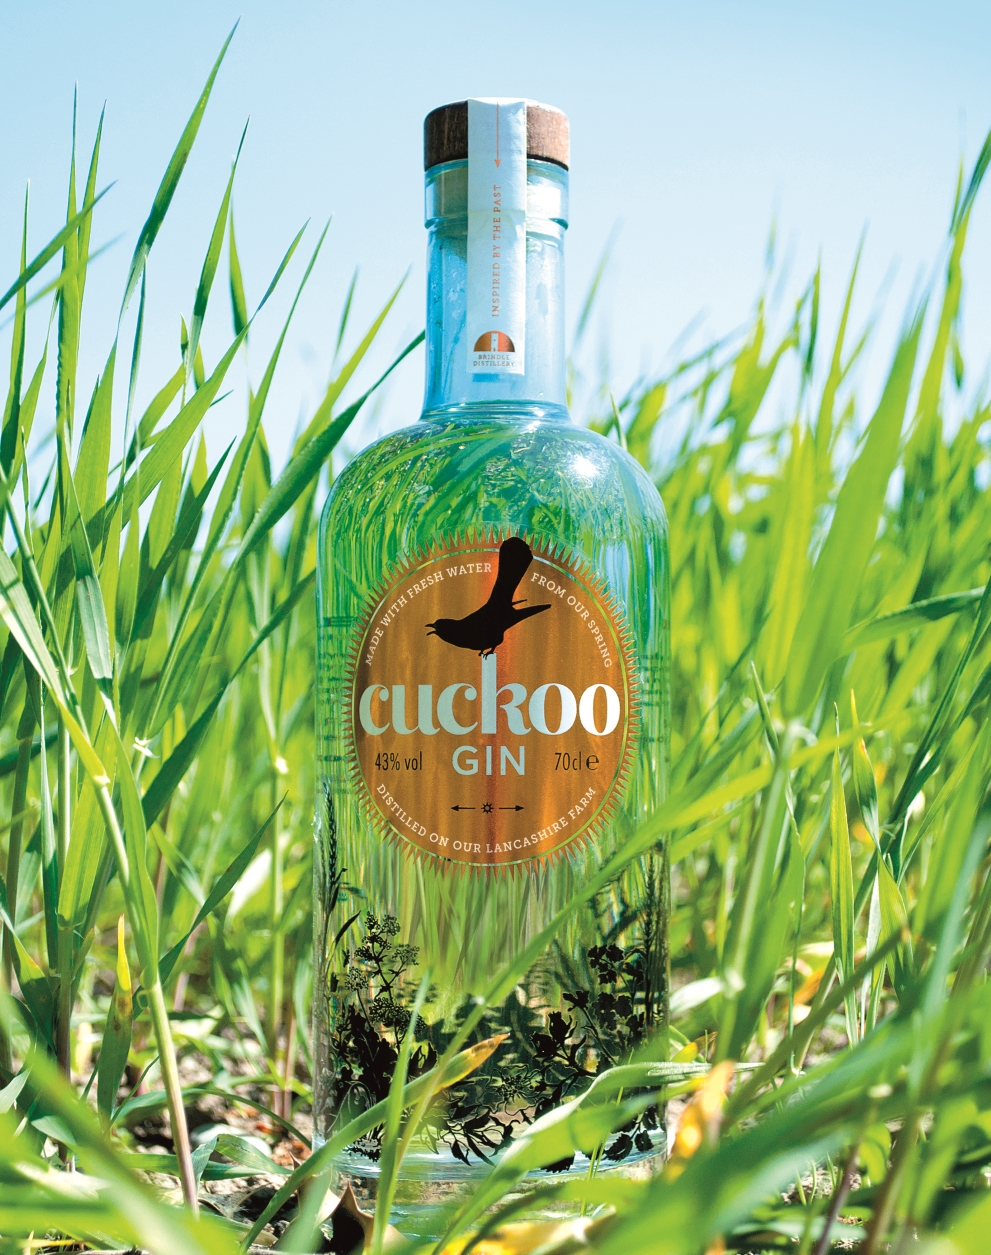 Cuckoo Gin